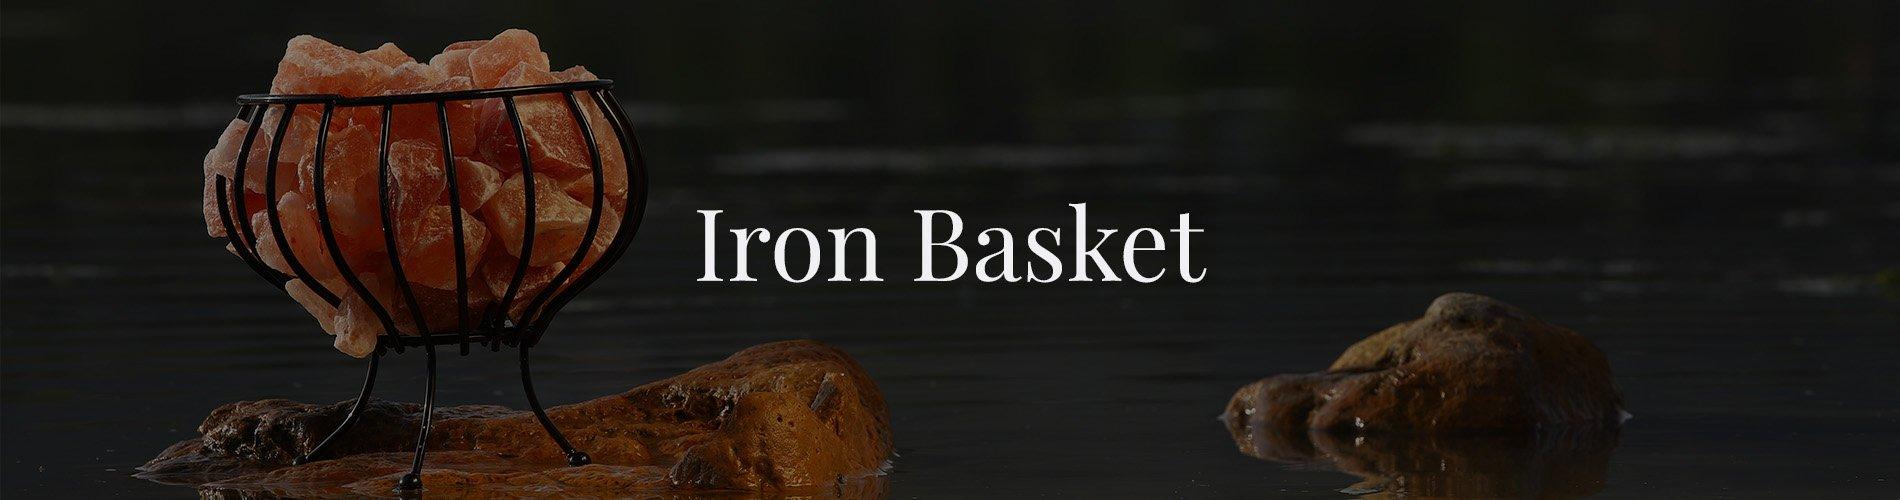 Iron Basket Lamp Background Image